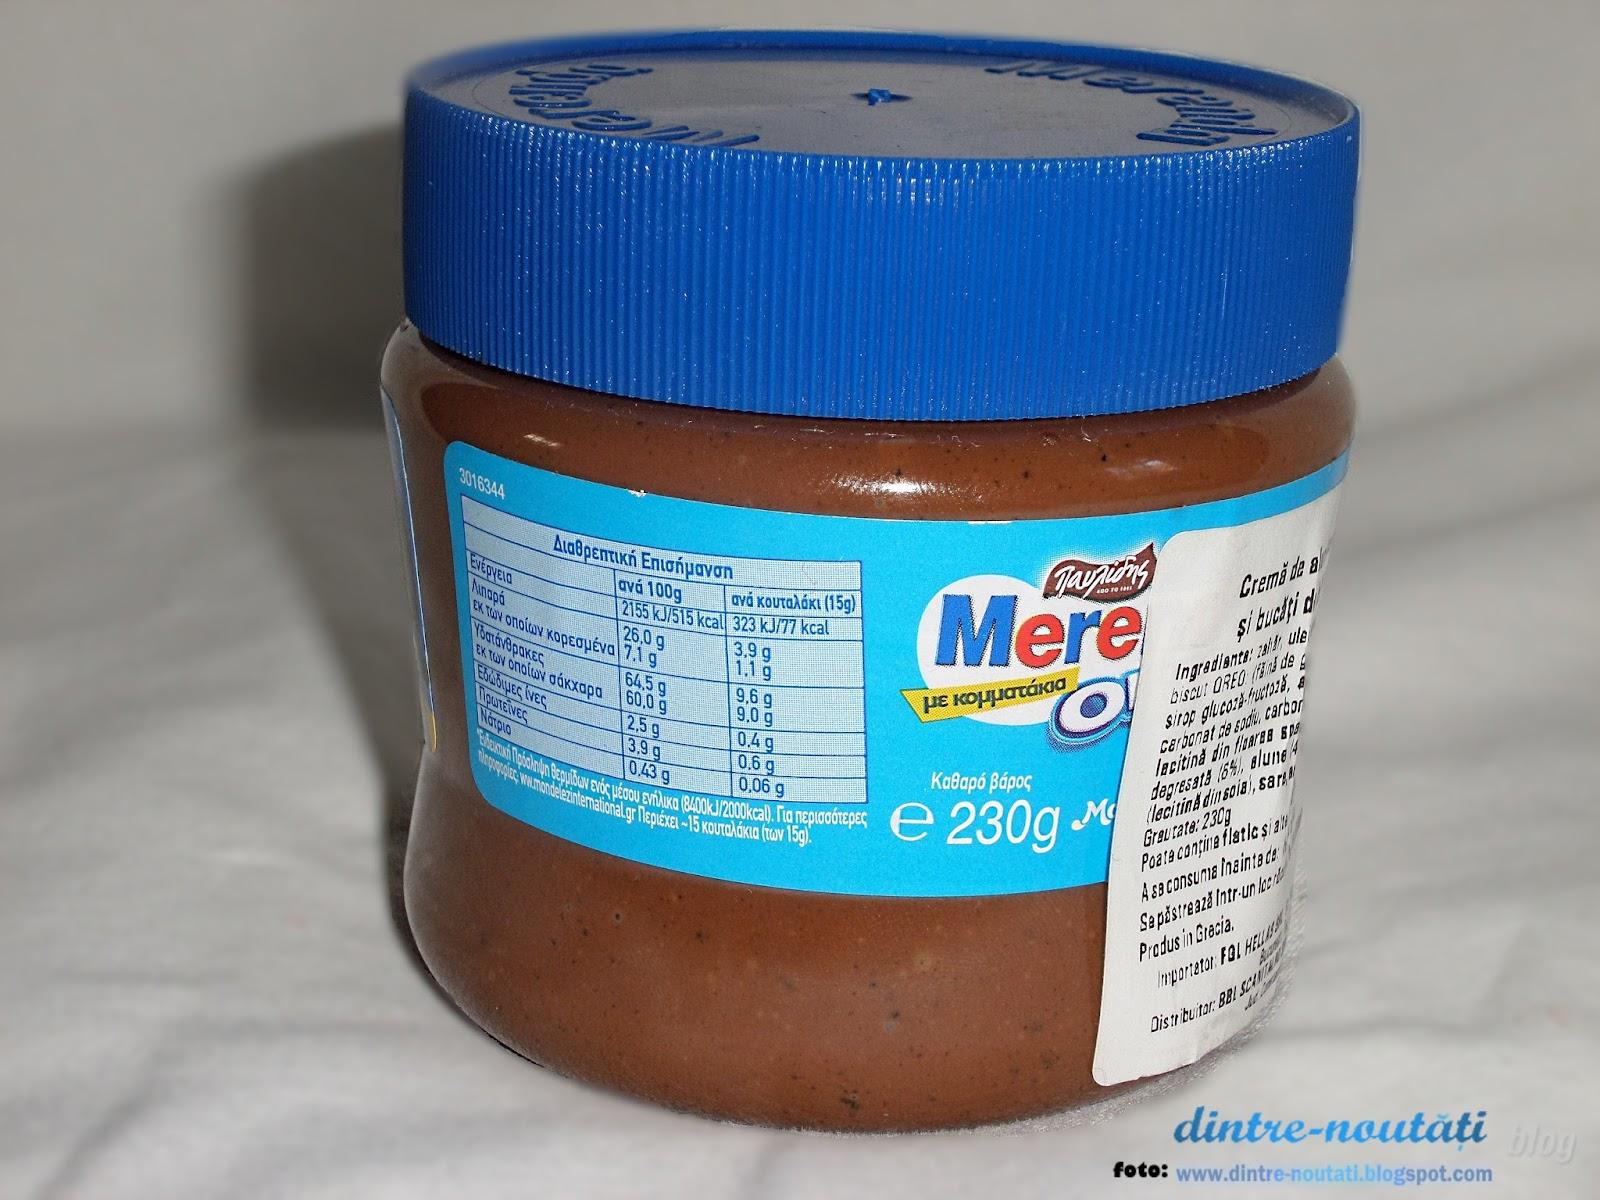 Cremă pastă de alune cu cacao, lapte degresat și bucăți de biscuit OREO (7,5%)